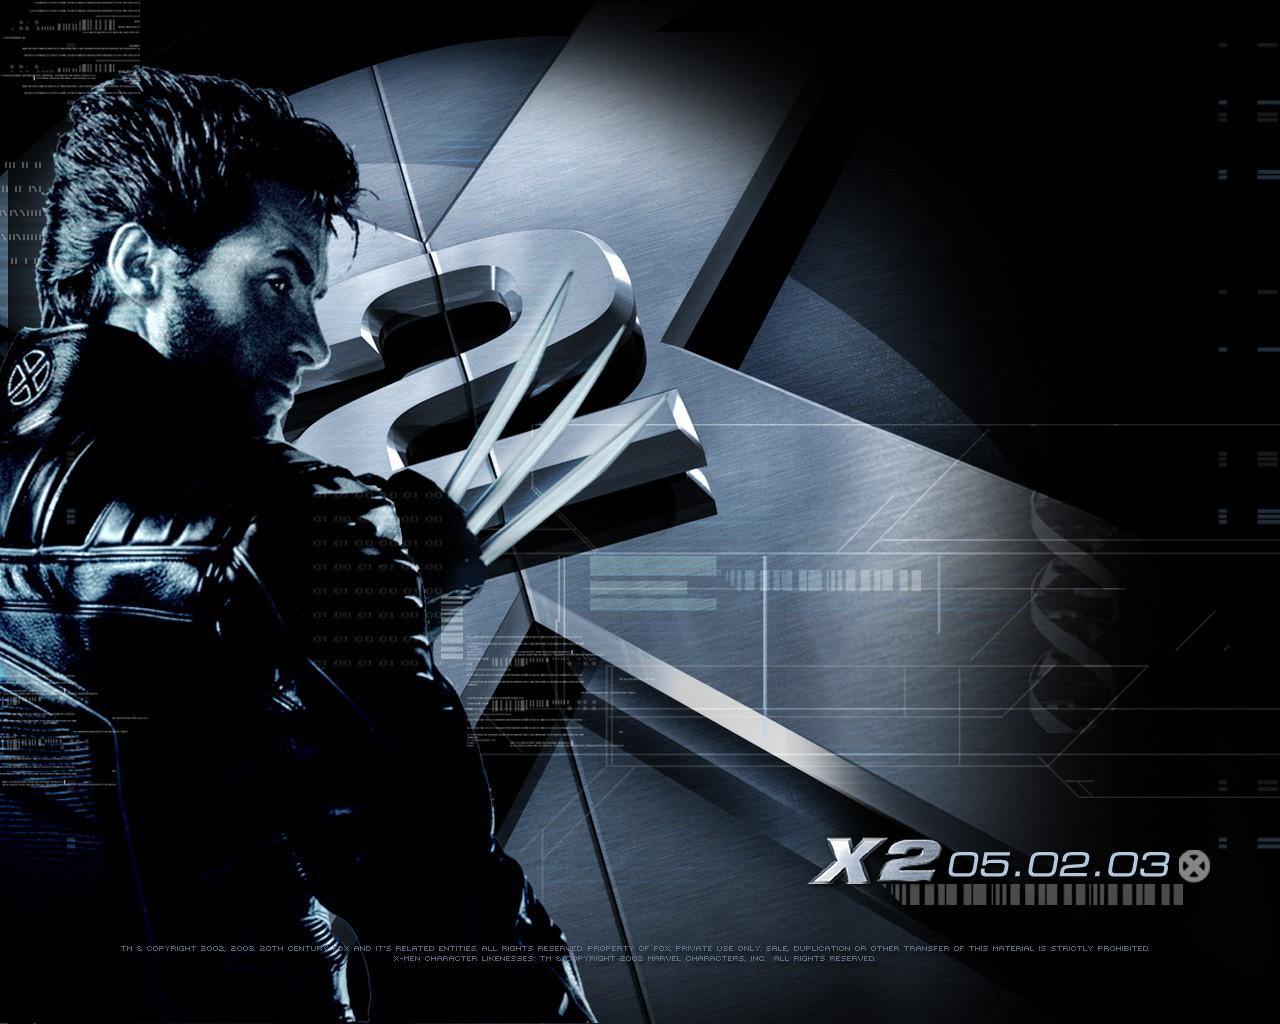 X-men 2 - wallpaper con Hugh Jackman